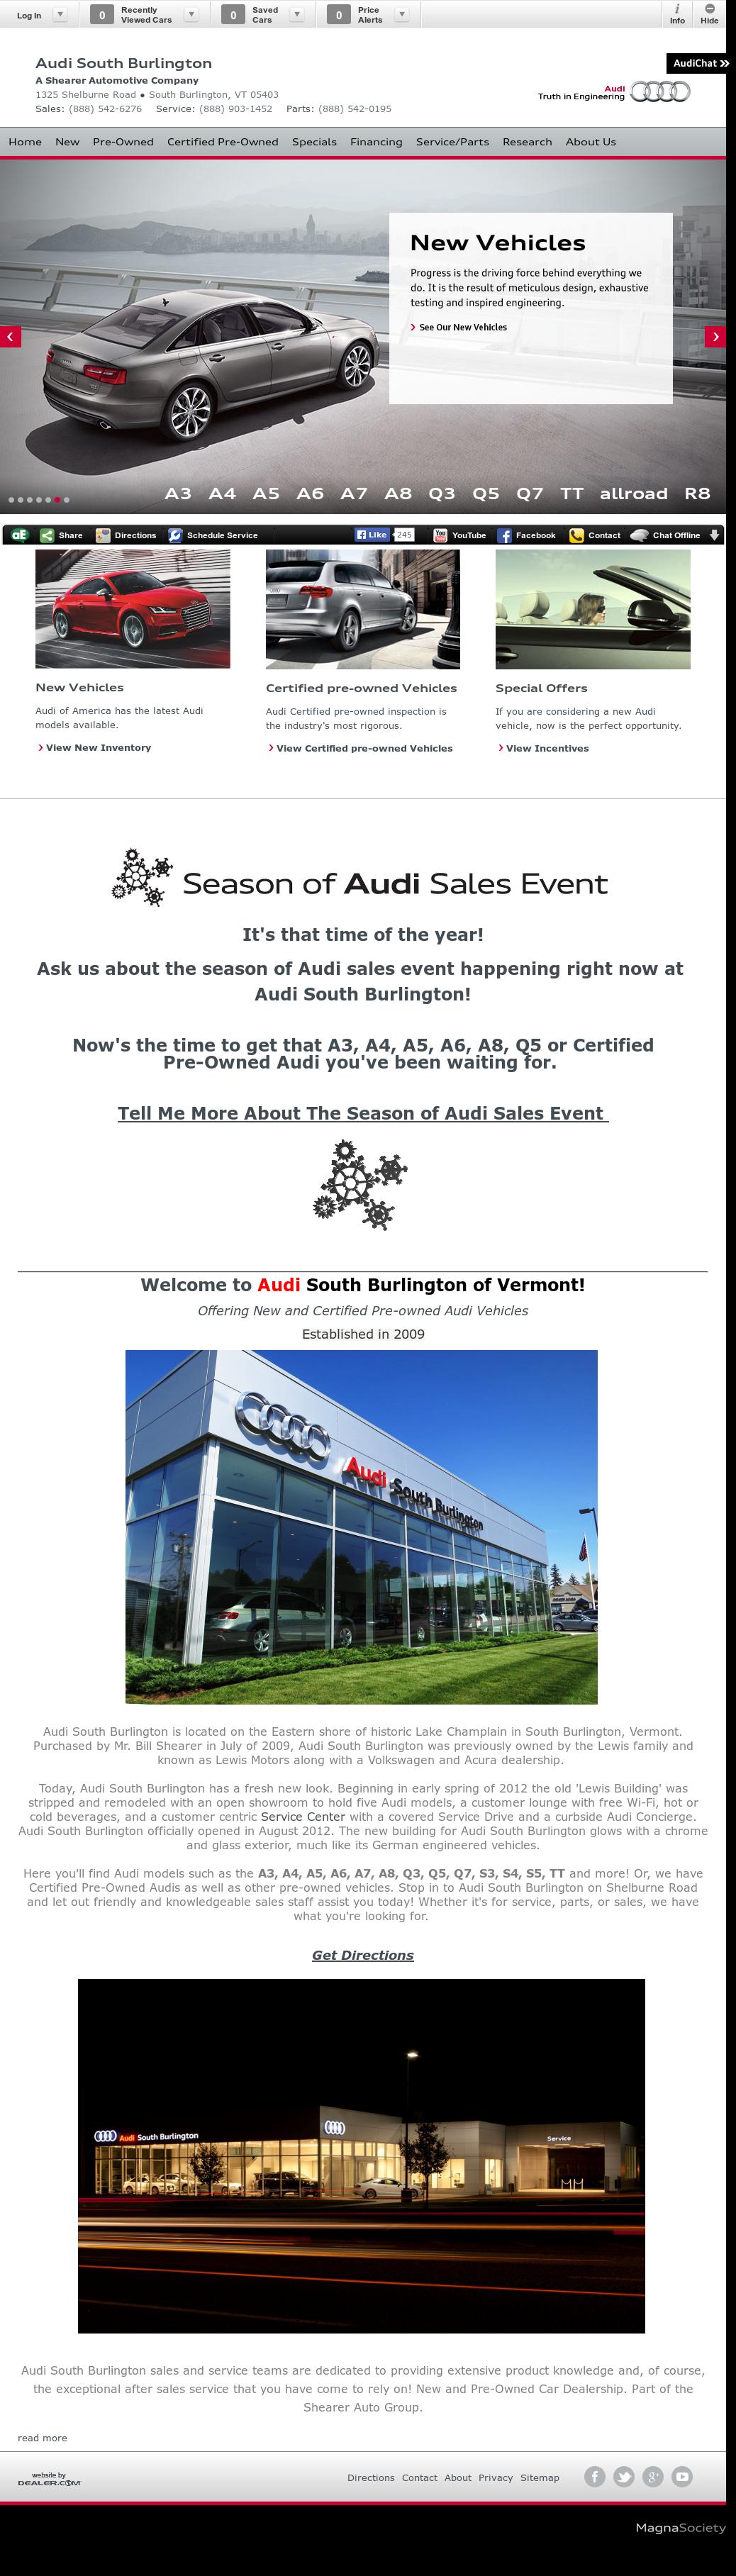 Audi South Burlington Vt Competitors Revenue And Employees Owler - Audi south burlington